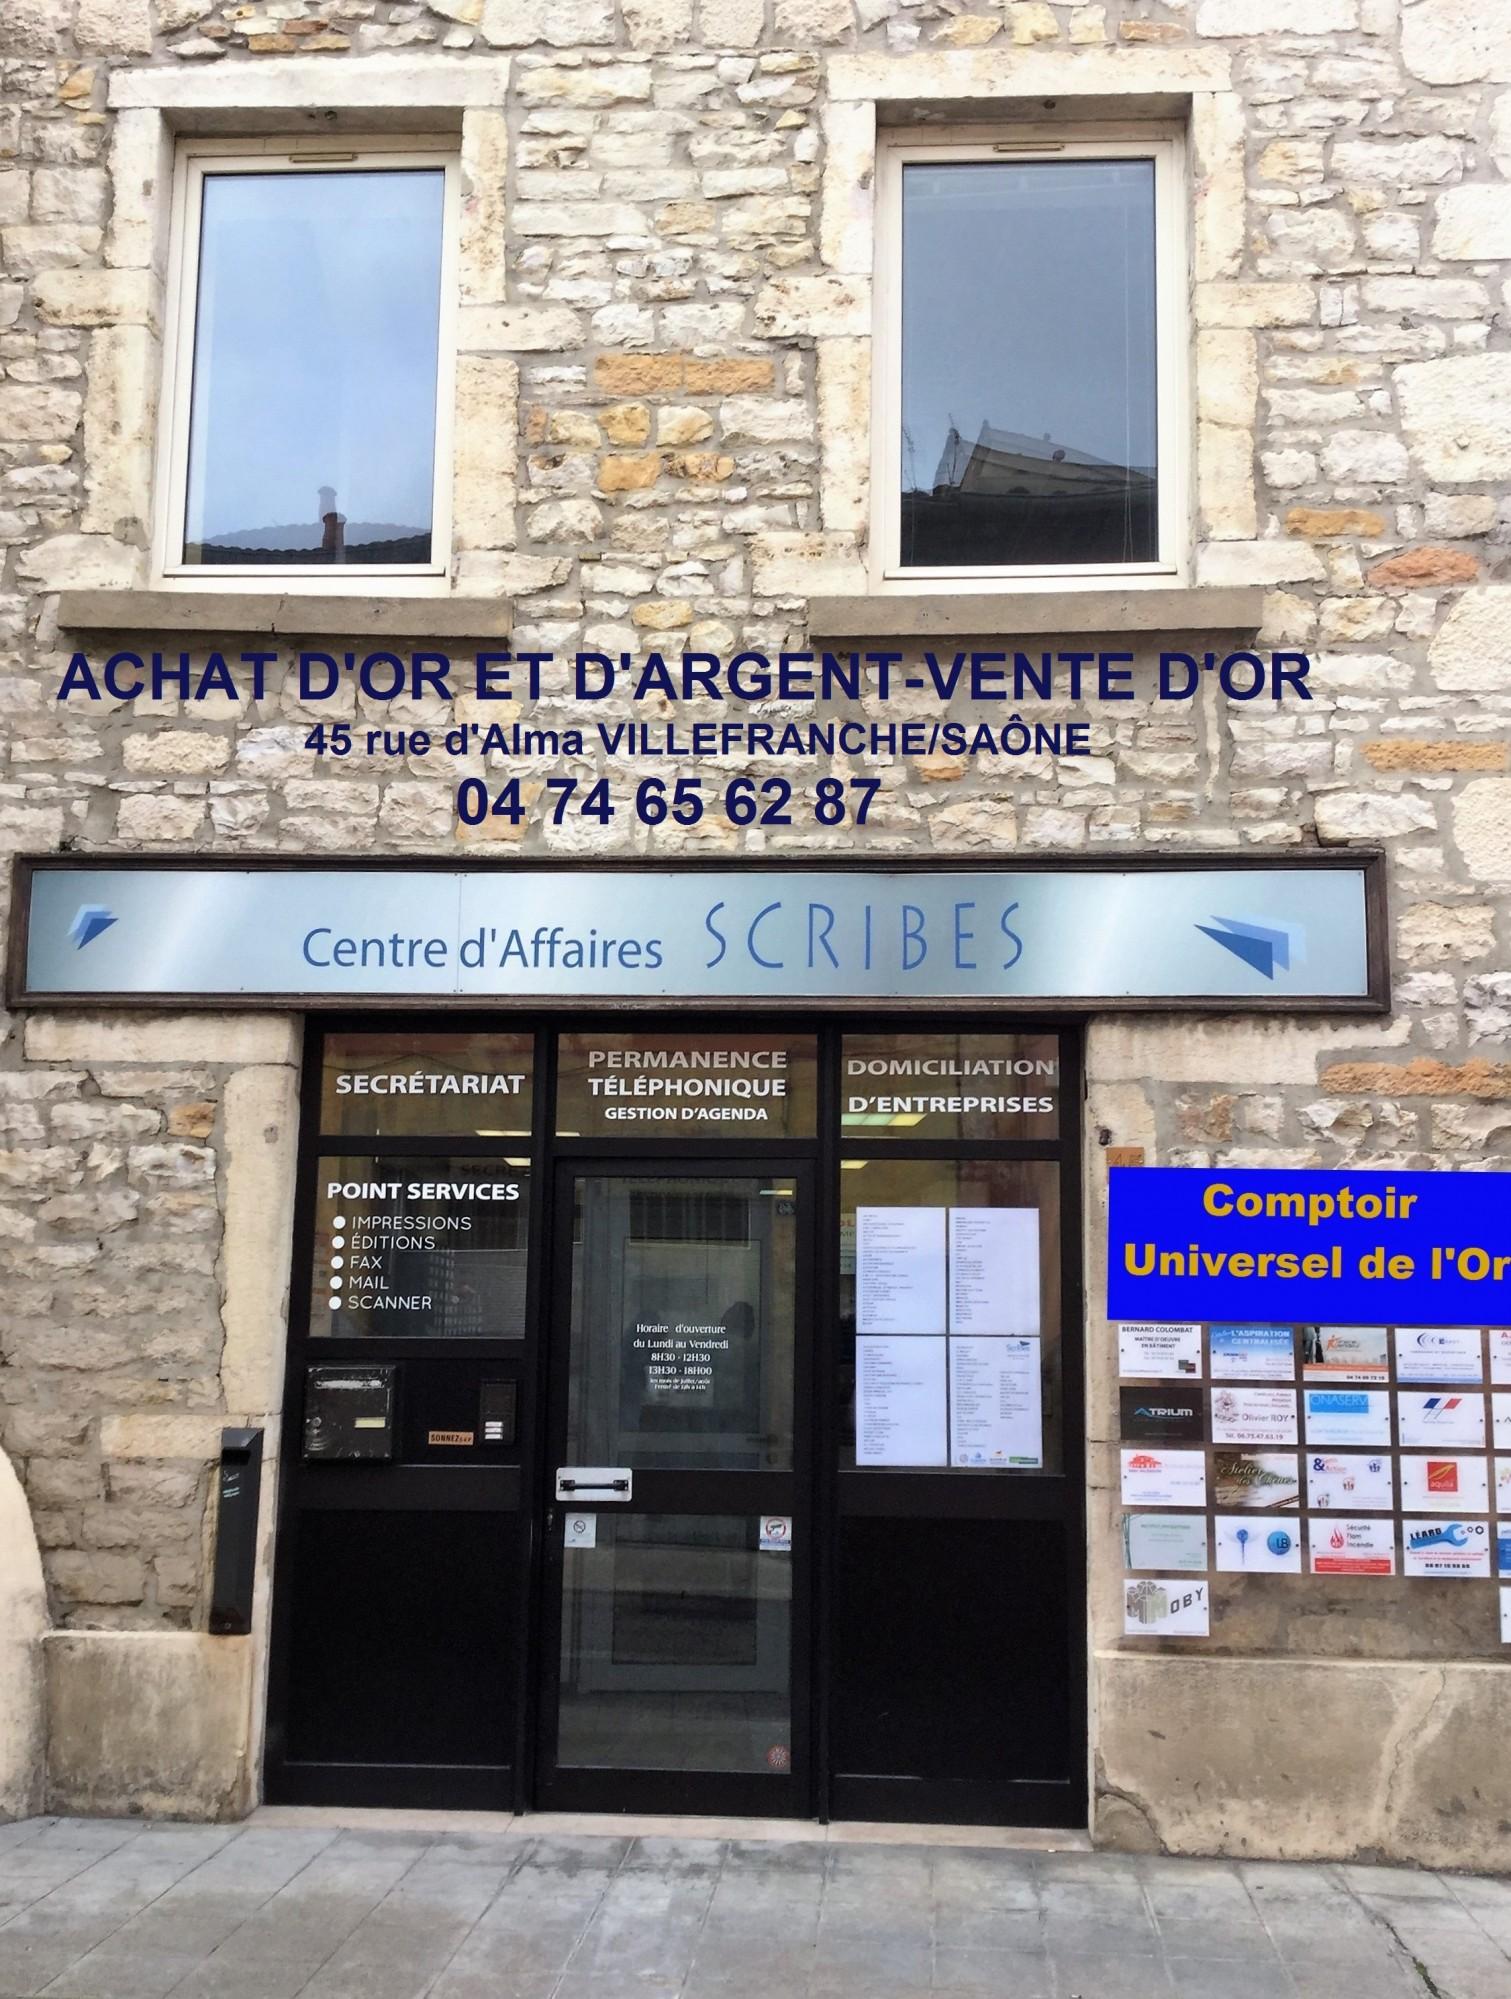 La pratique du comptoir universel de l'Or pour un rachat d'or transparent à Mâcon, Chalon et Villefranche sur Saône